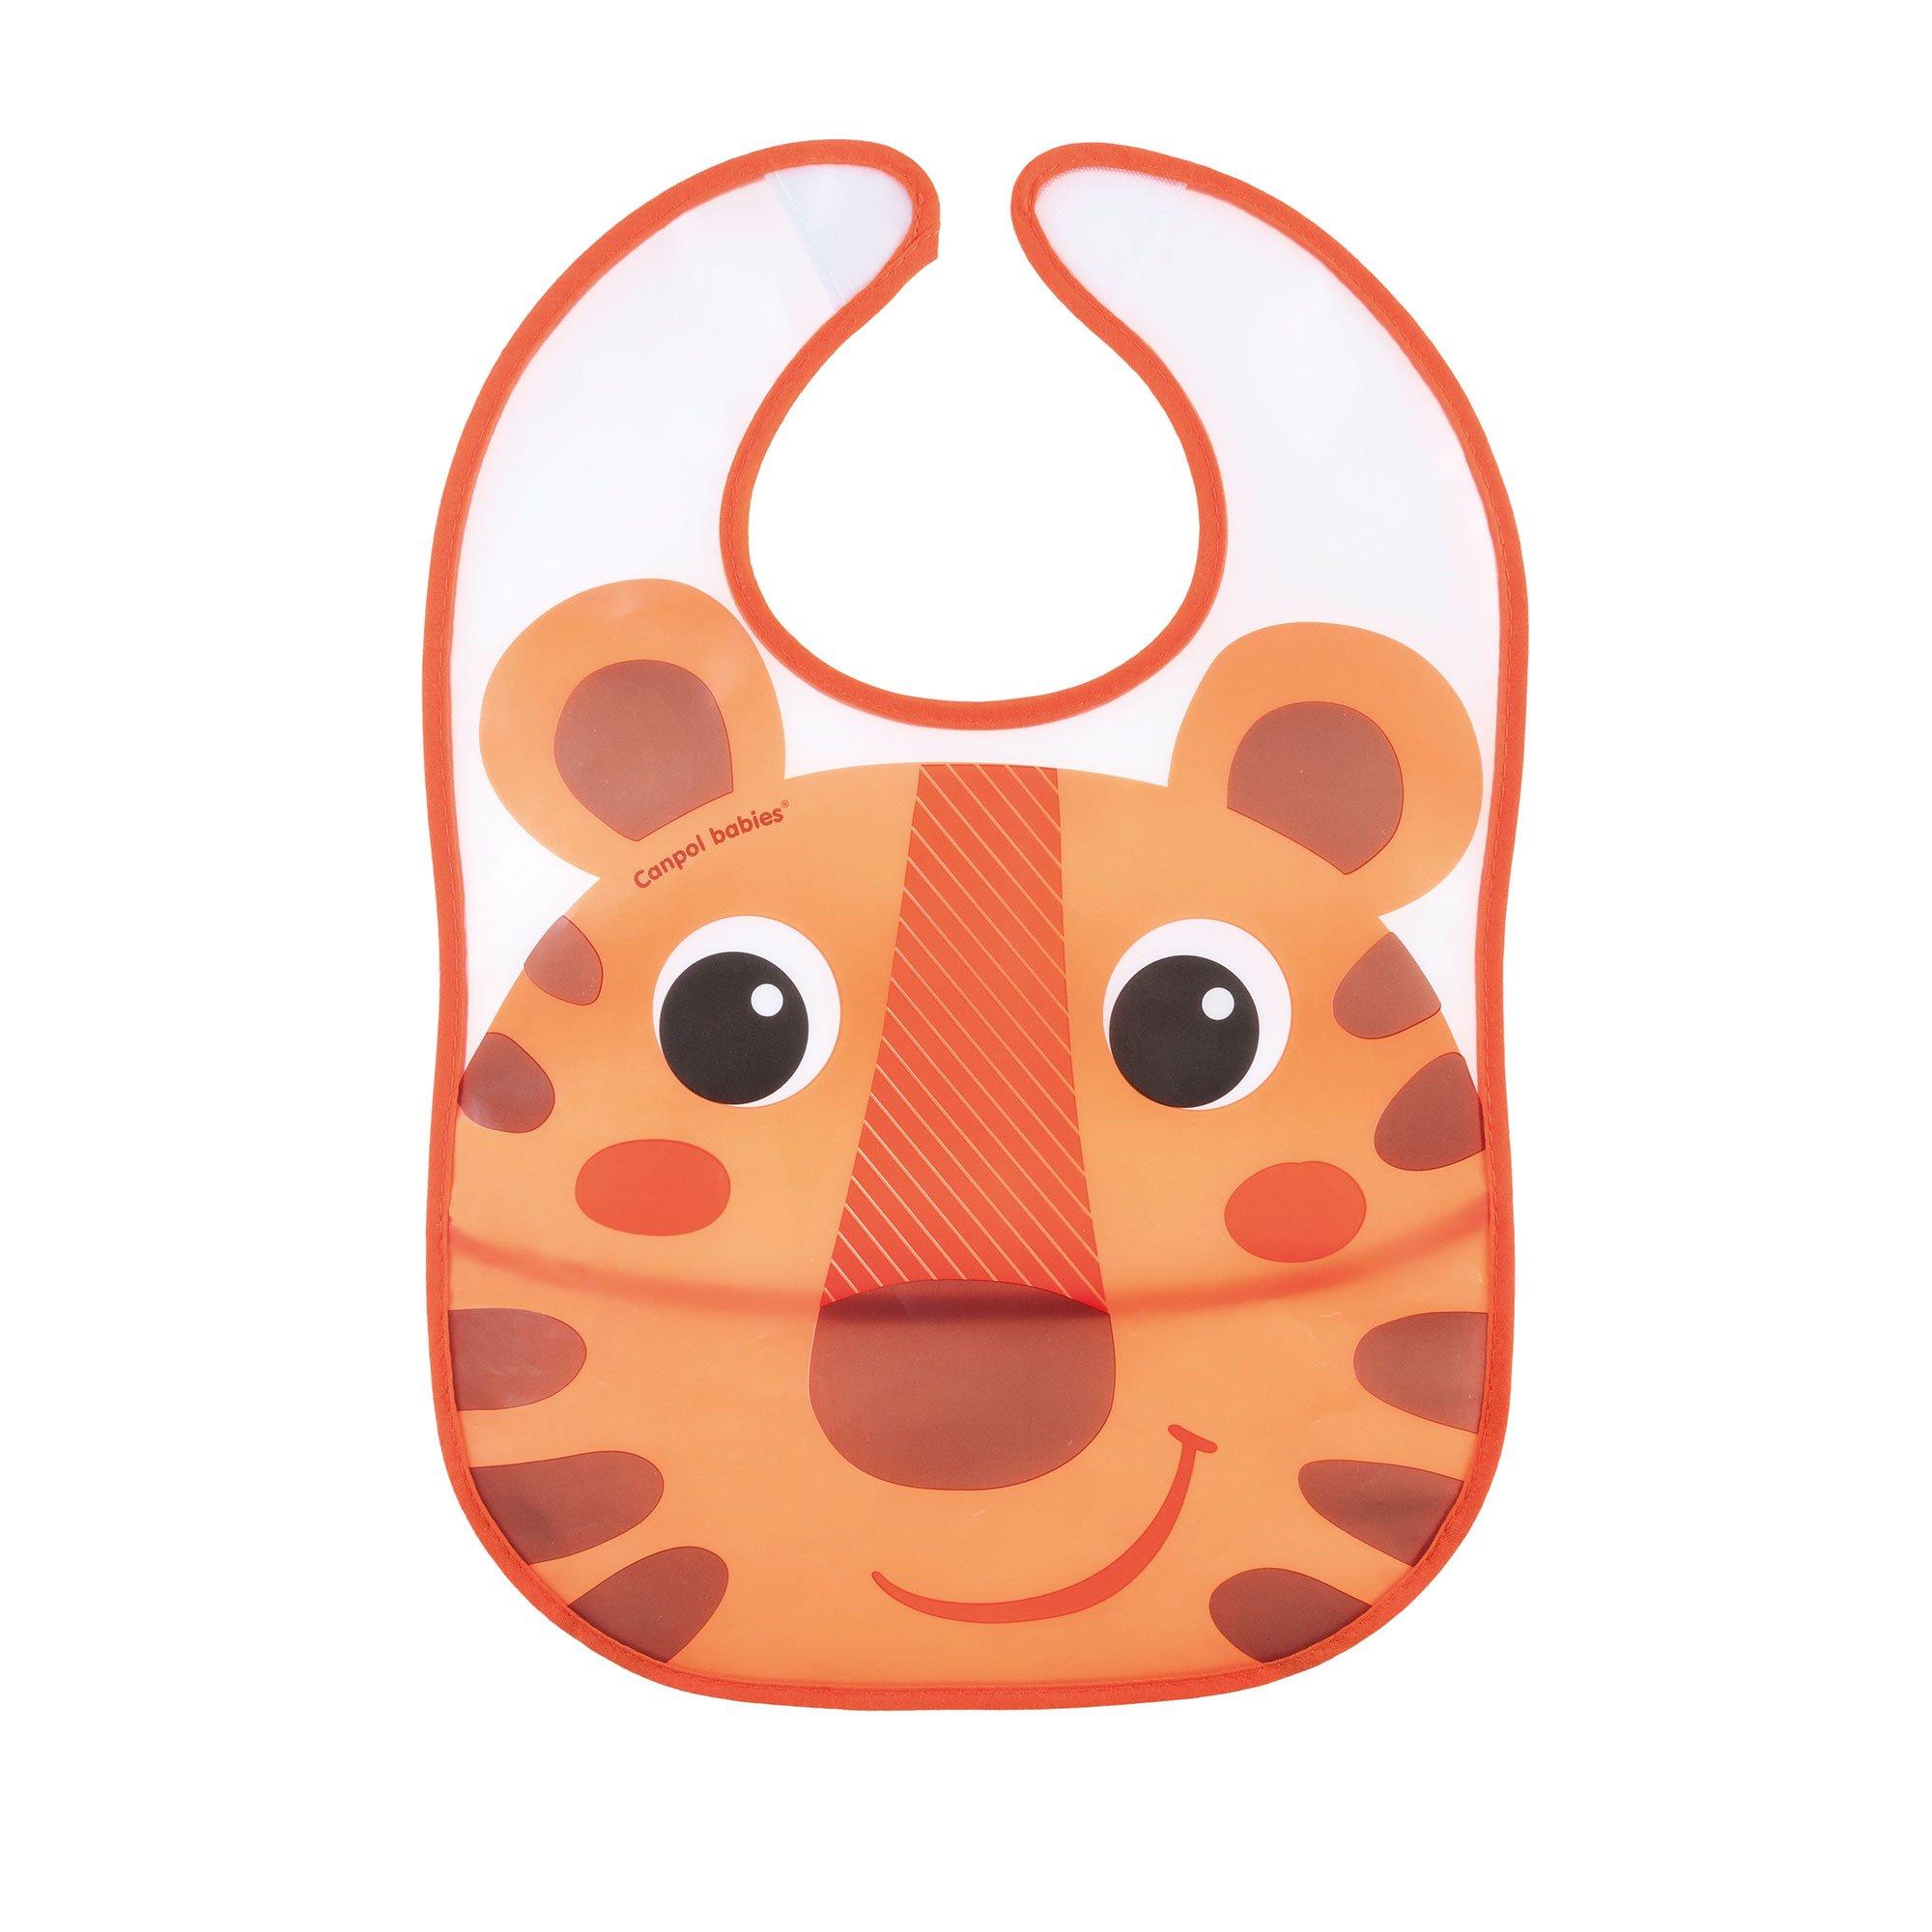 Купить Слюнявчик Canpol babies пластиковый с кармашком Hello Little оранжевый